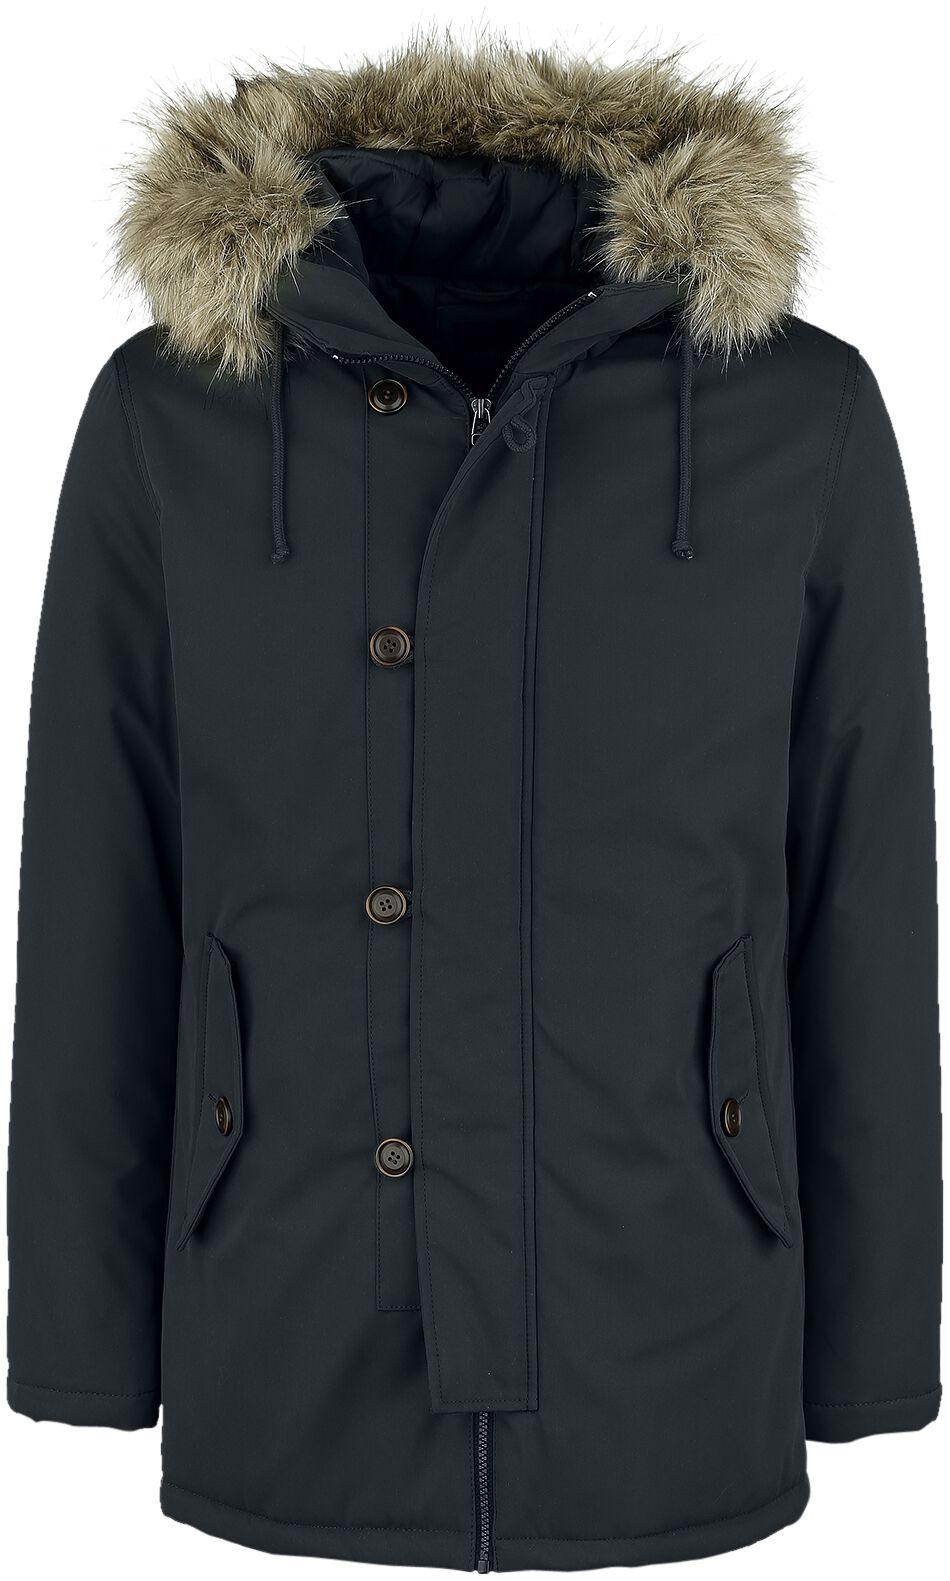 Marki - Kurtki - Kurtka zimowa Produkt Fixs Parka Jacket Kurtka zimowa czarny - 354899